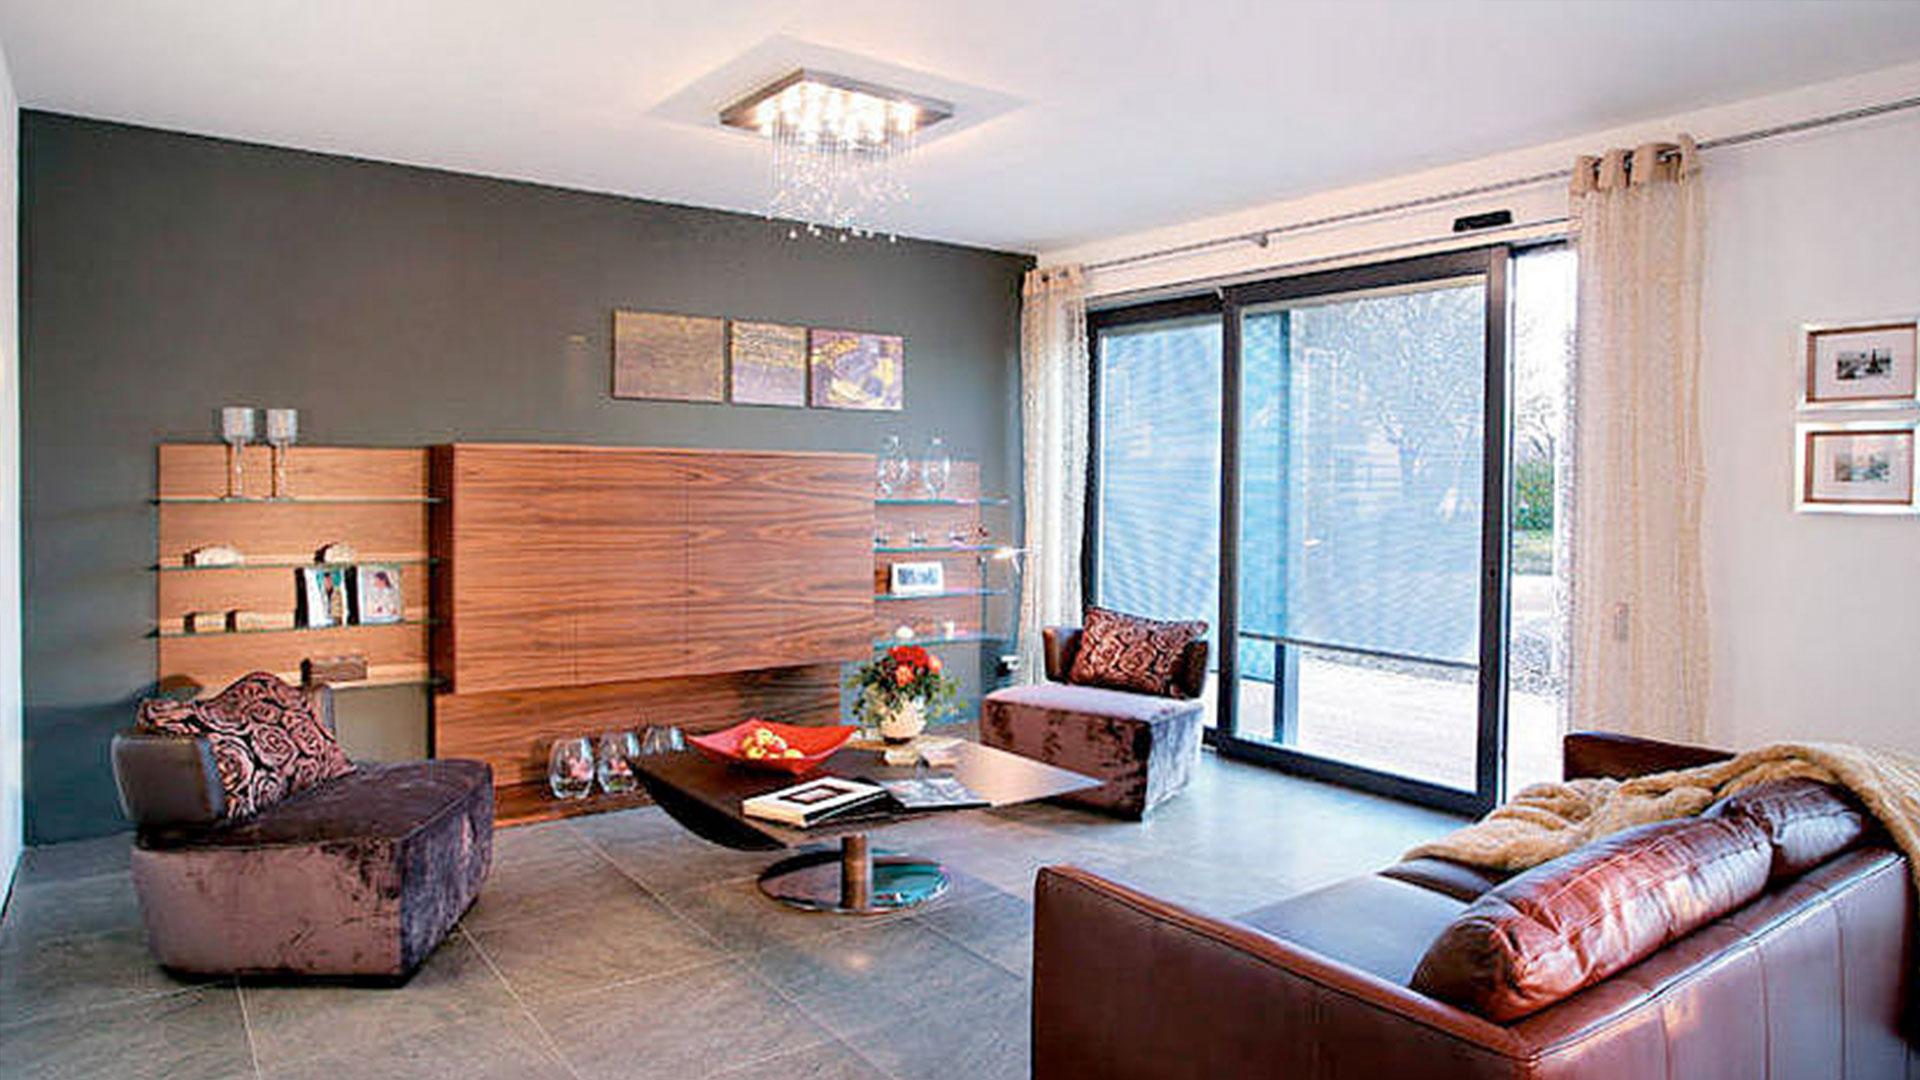 barrierefreies haus bauen informationen und erkl rungen. Black Bedroom Furniture Sets. Home Design Ideas